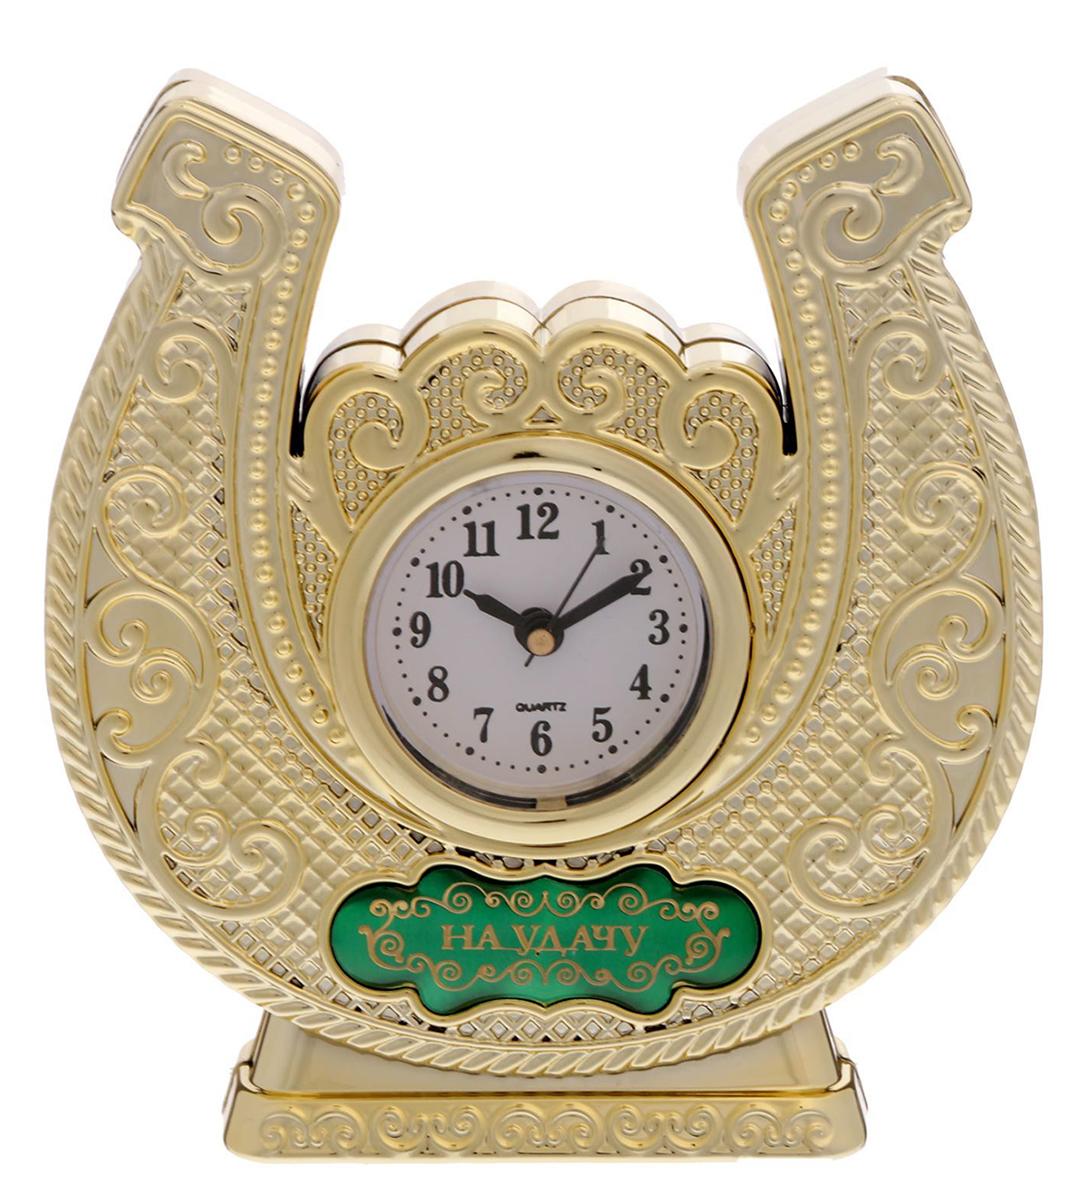 Часы настольные На удачу, 11,6 х 12,2 см. 16929111692911Время покорять мир Эти часы — прекрасный подарок 2 в 1! Они помогут правильно всё спланировать, а подкова принесёт удачу в делах и начинаниях. Фигурная статуэтка украшена шильдиком с добрым пожеланием, на обратной стороне выгравирована мотивирующая надпись. Инструкция Аккуратно достаньте механизм с циферблатом из корпуса. Установите время с помощью колёсика. Вставьте механизм обратно. Часы работают от батареек AG 13. Сувенир преподносится в подарочной коробочке с прозрачным окном.